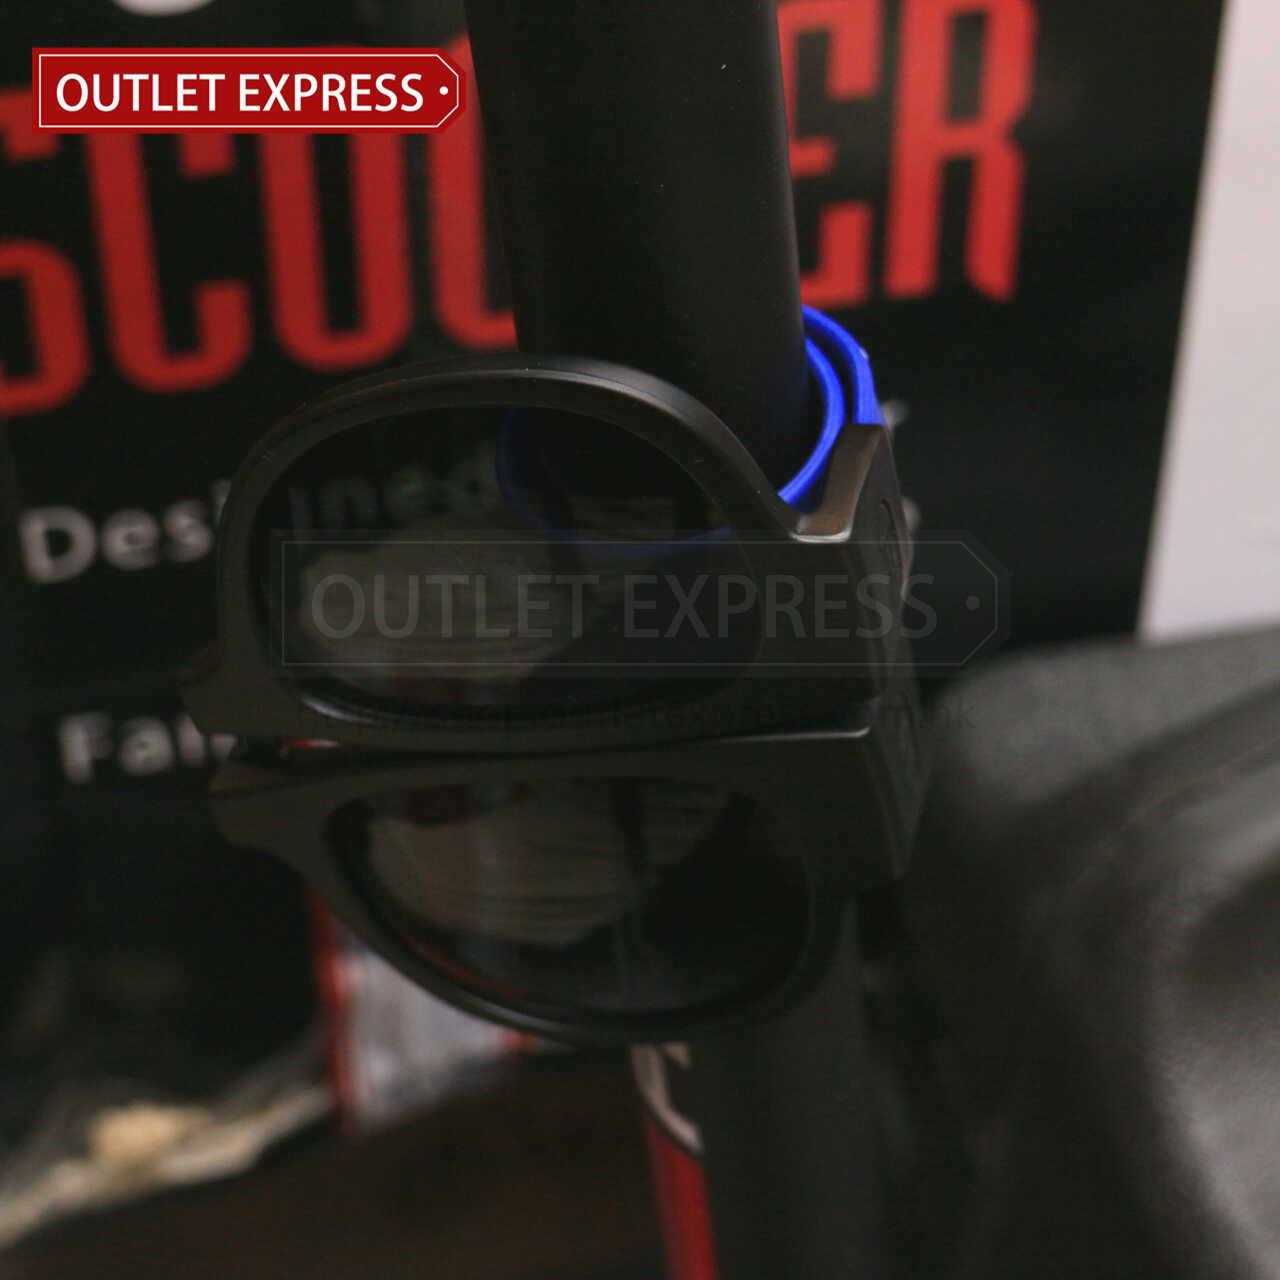 紐西蘭 SlapSee 變形偏光太陽眼鏡  摺疊捲曲- Outlet Express HK 生活百貨城實拍圖